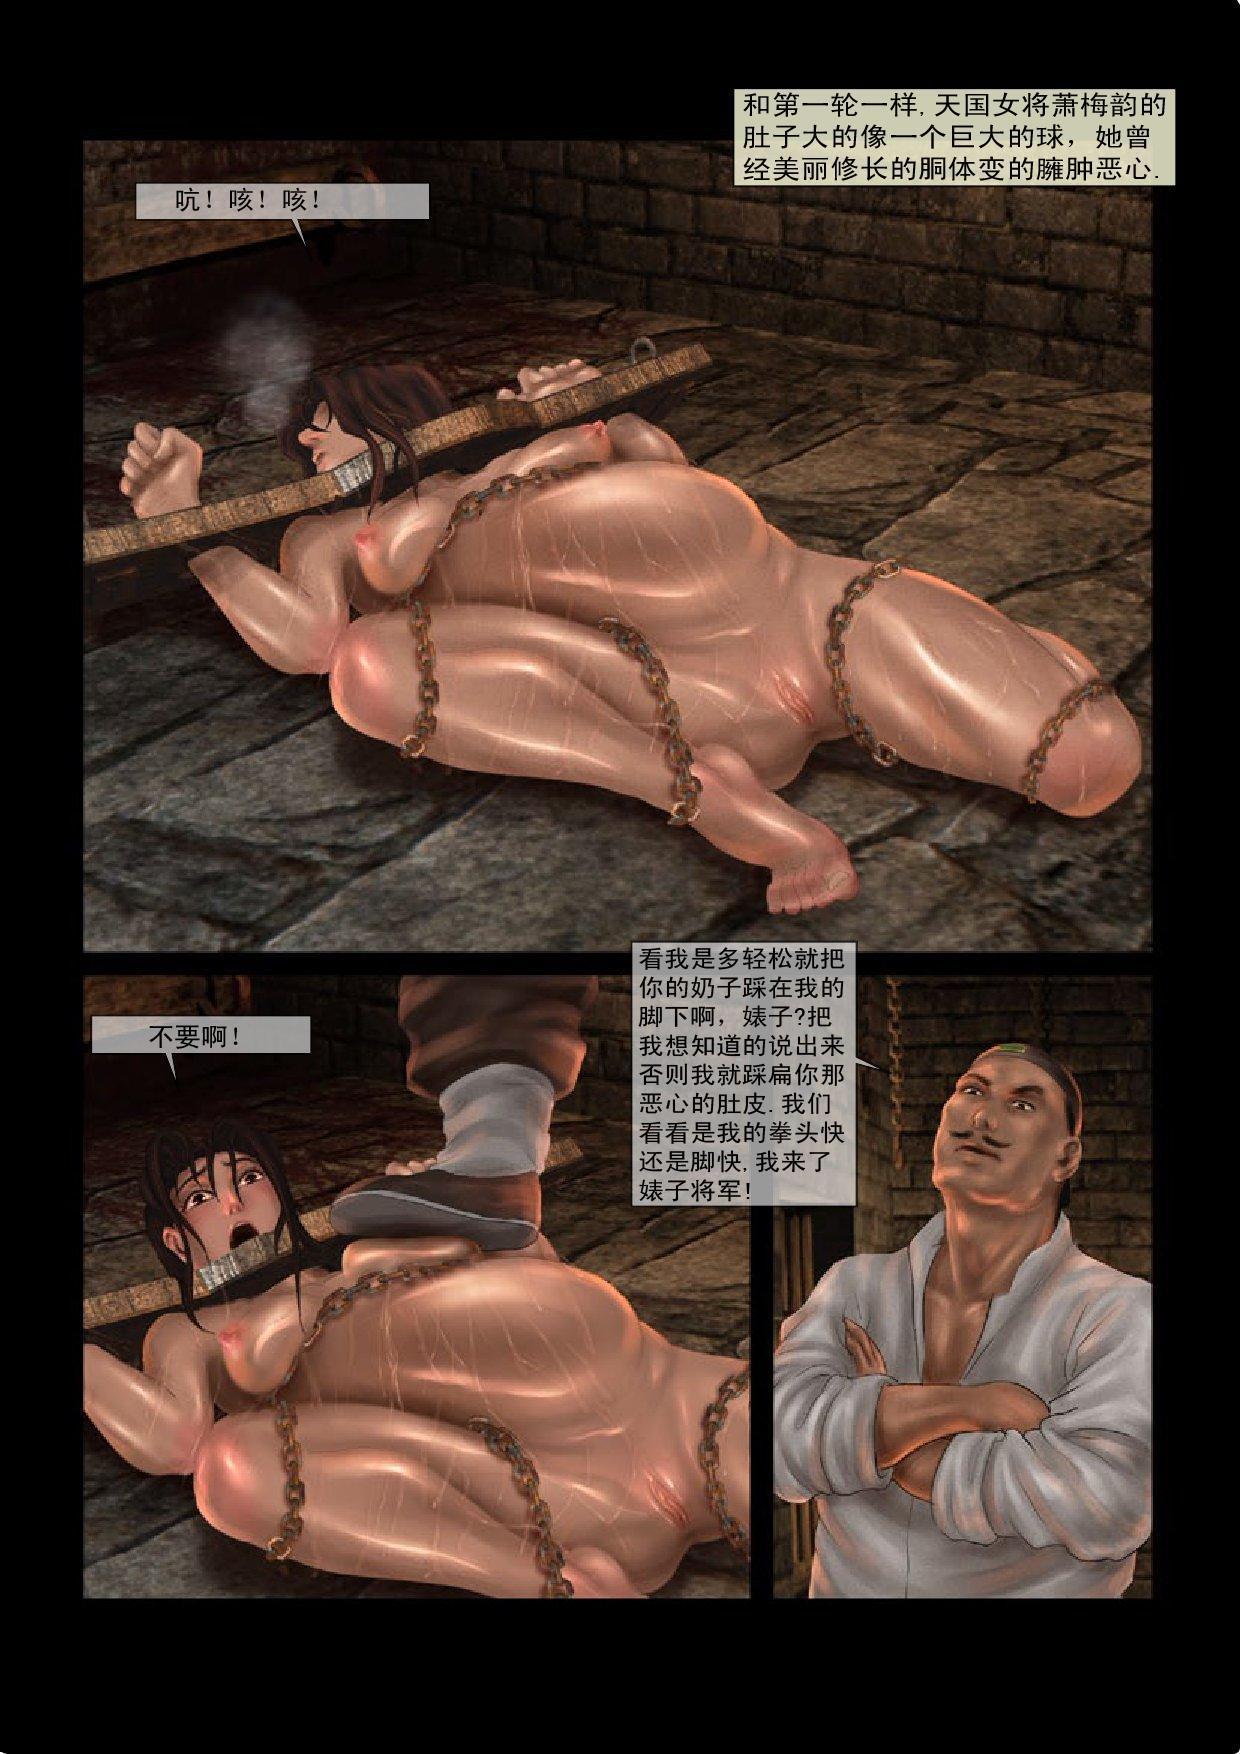 中国军阀的性奴1 39